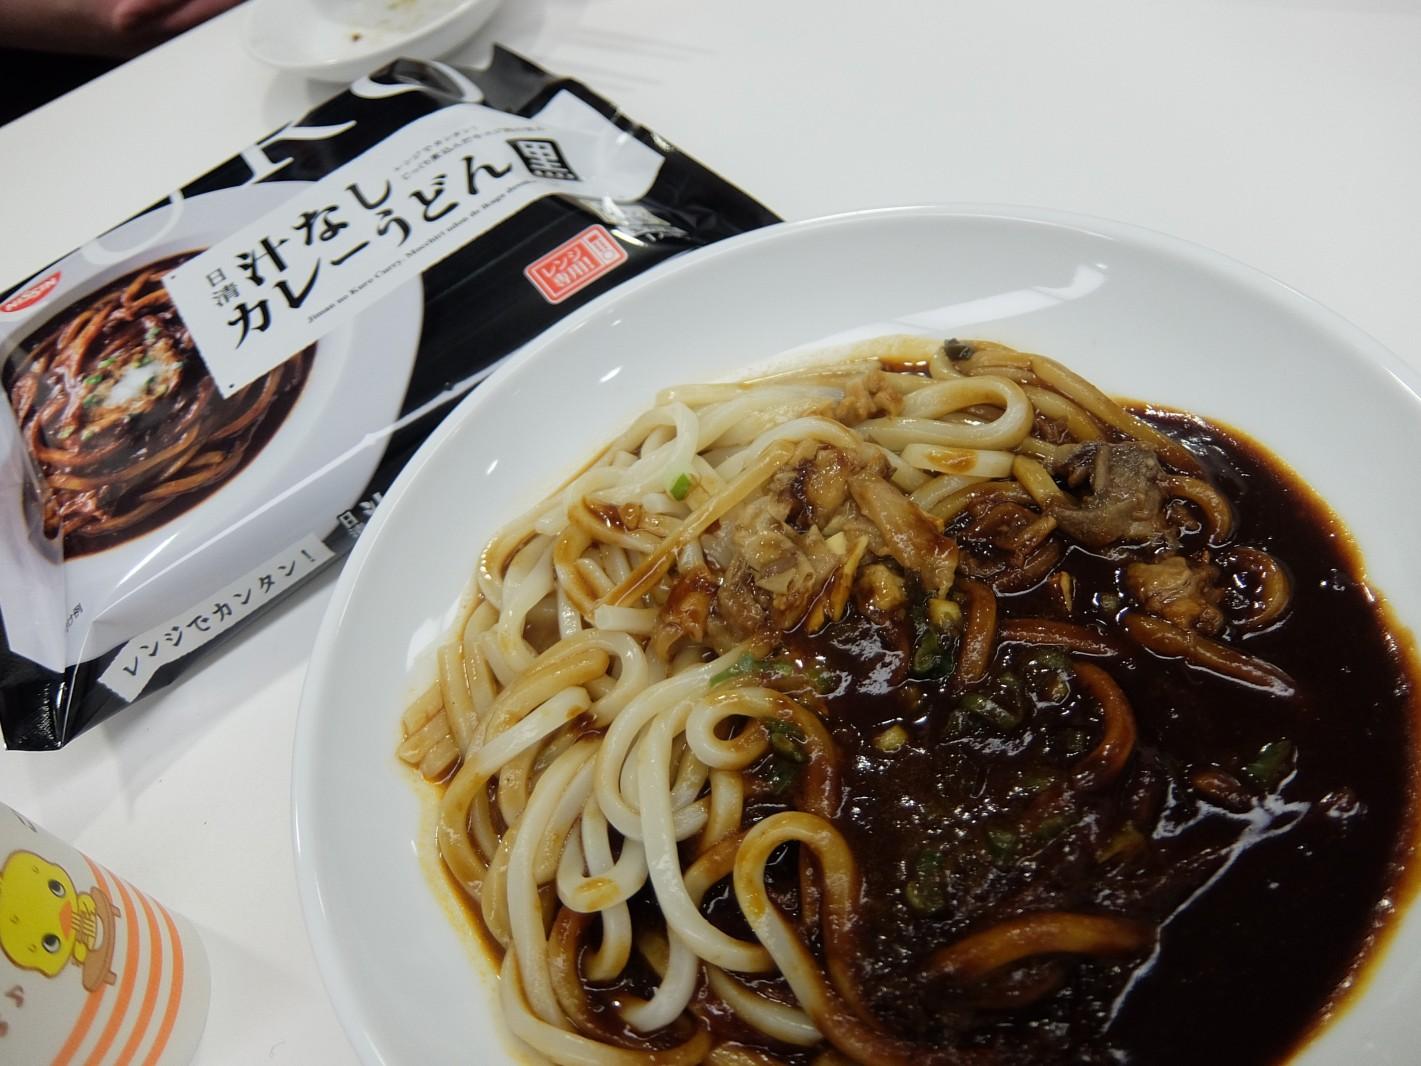 「ヒルナンデス!」 2月21日(火)冷凍めん特集! イケメンご紹介~